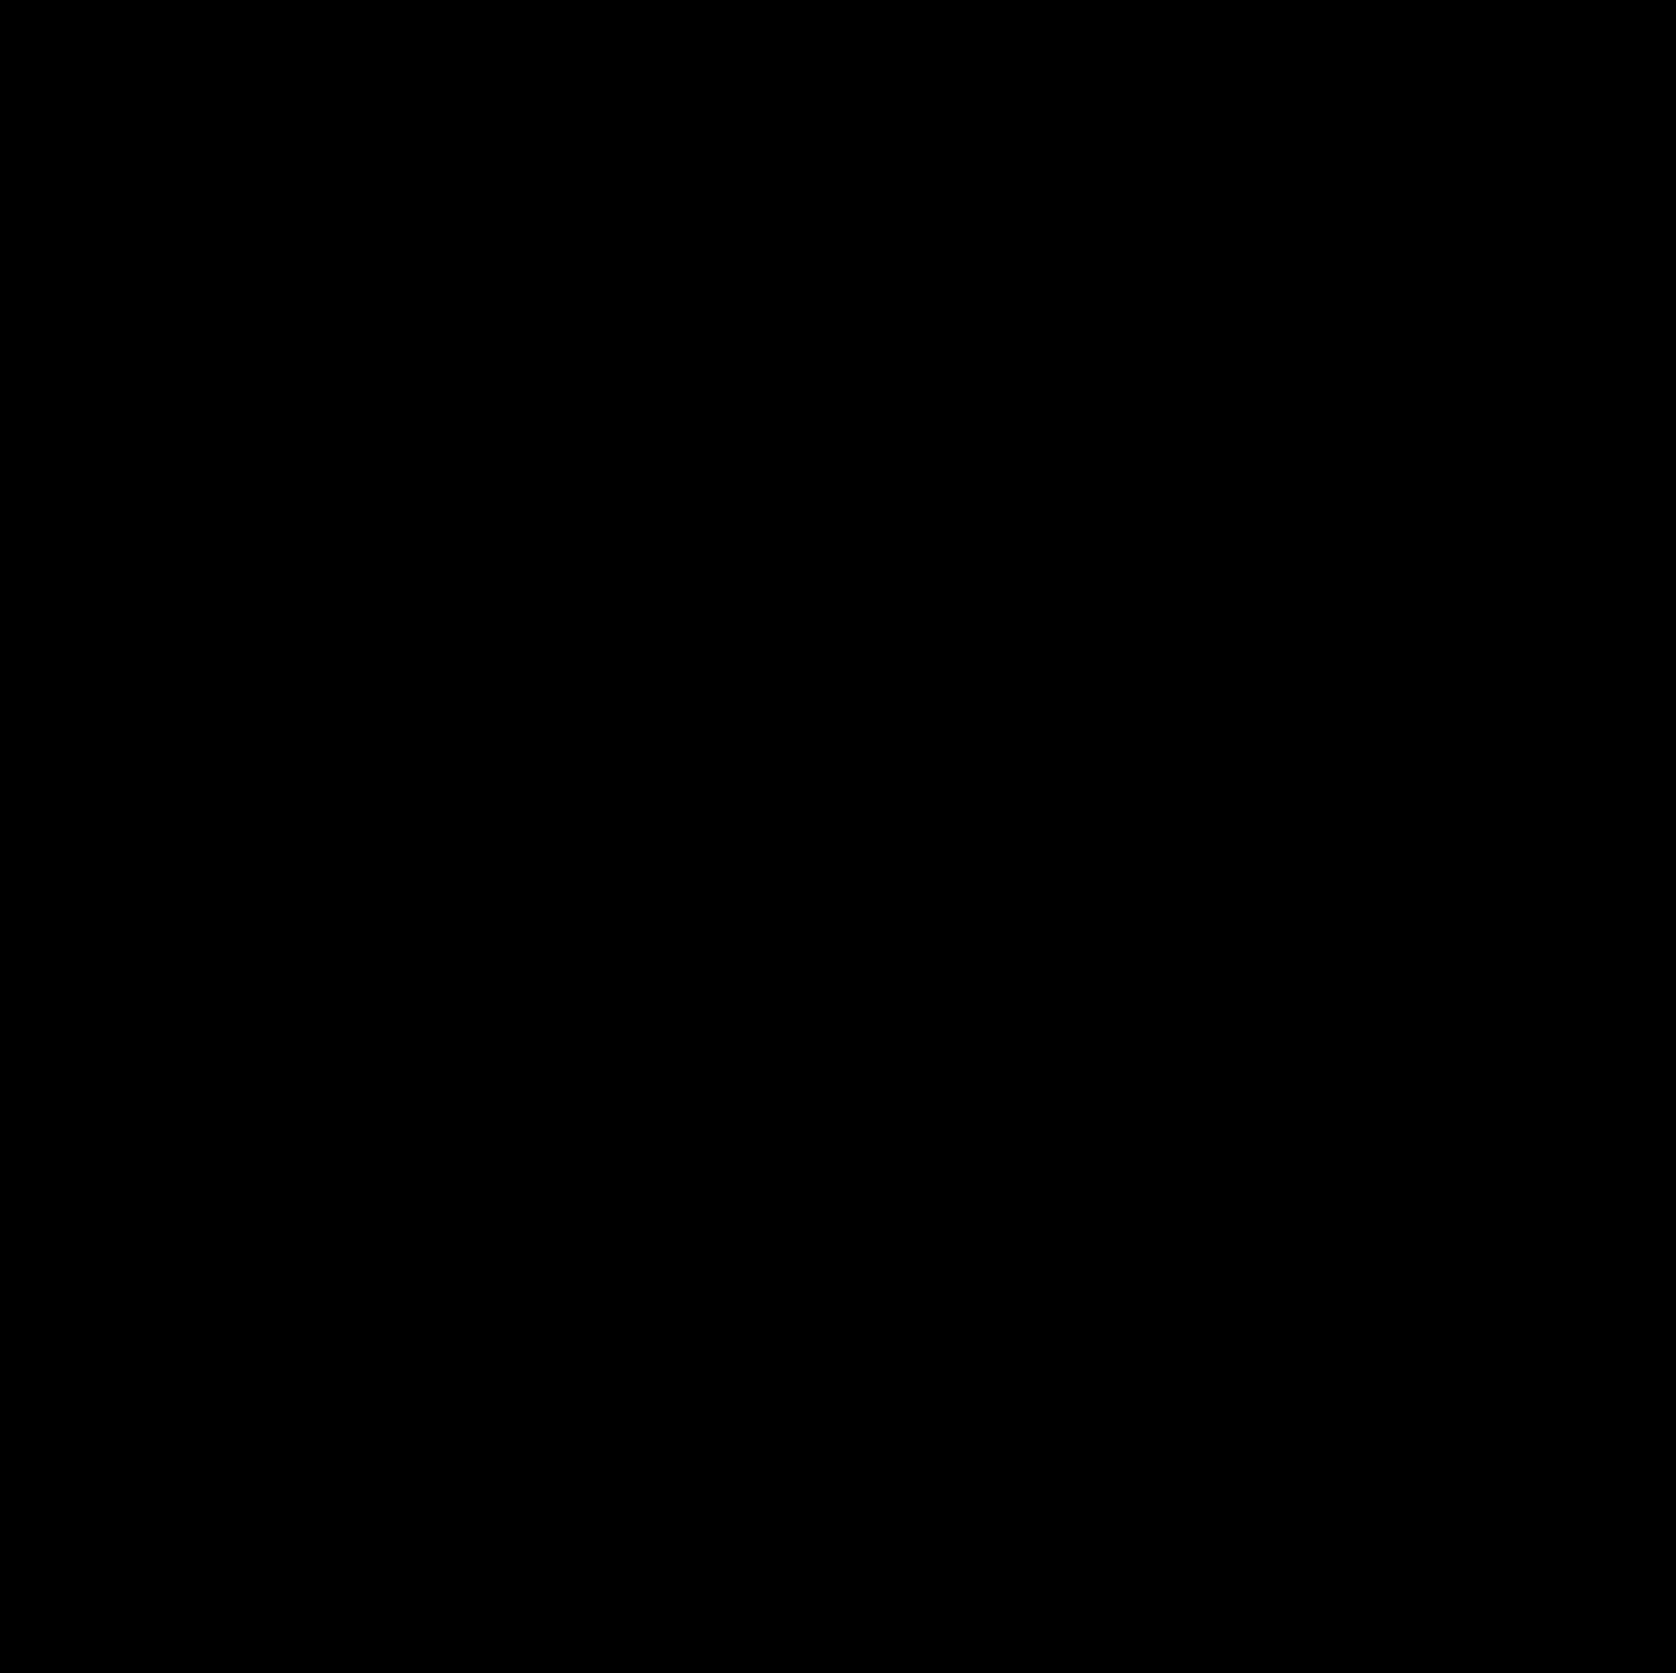 Naklejka na ścianę głowa trygrysa 2g